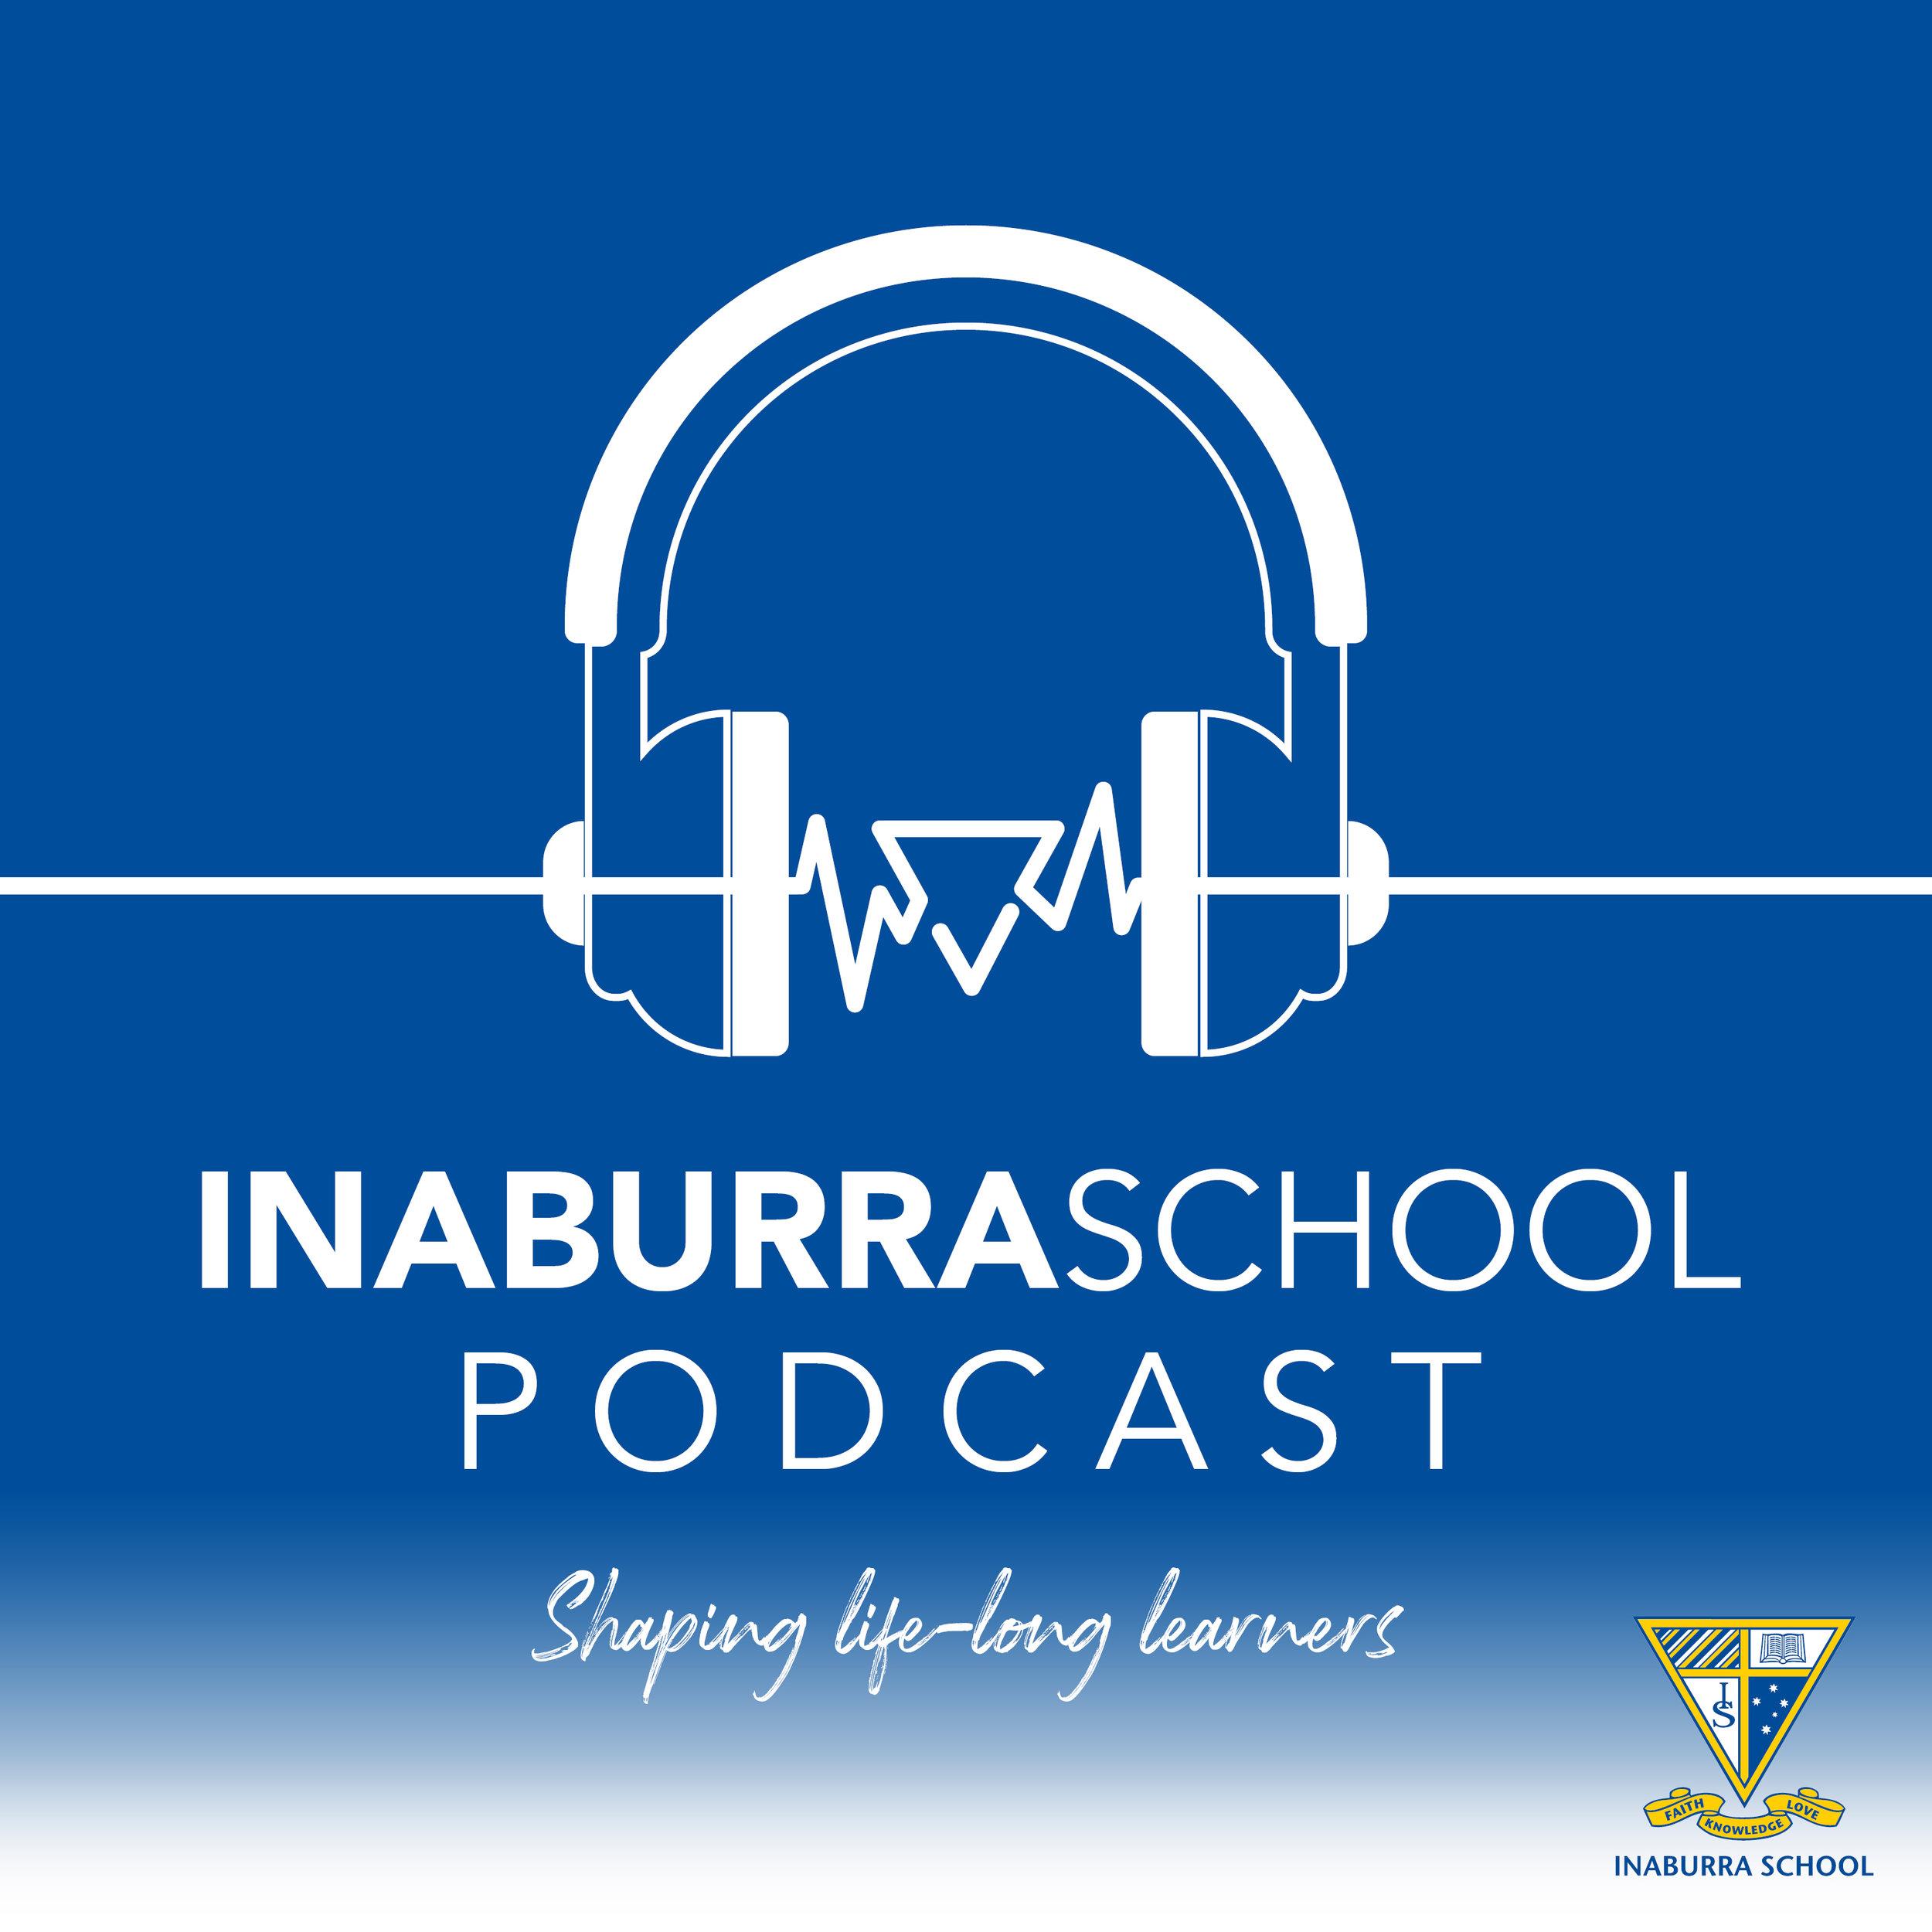 Podcast Branding2.jpg